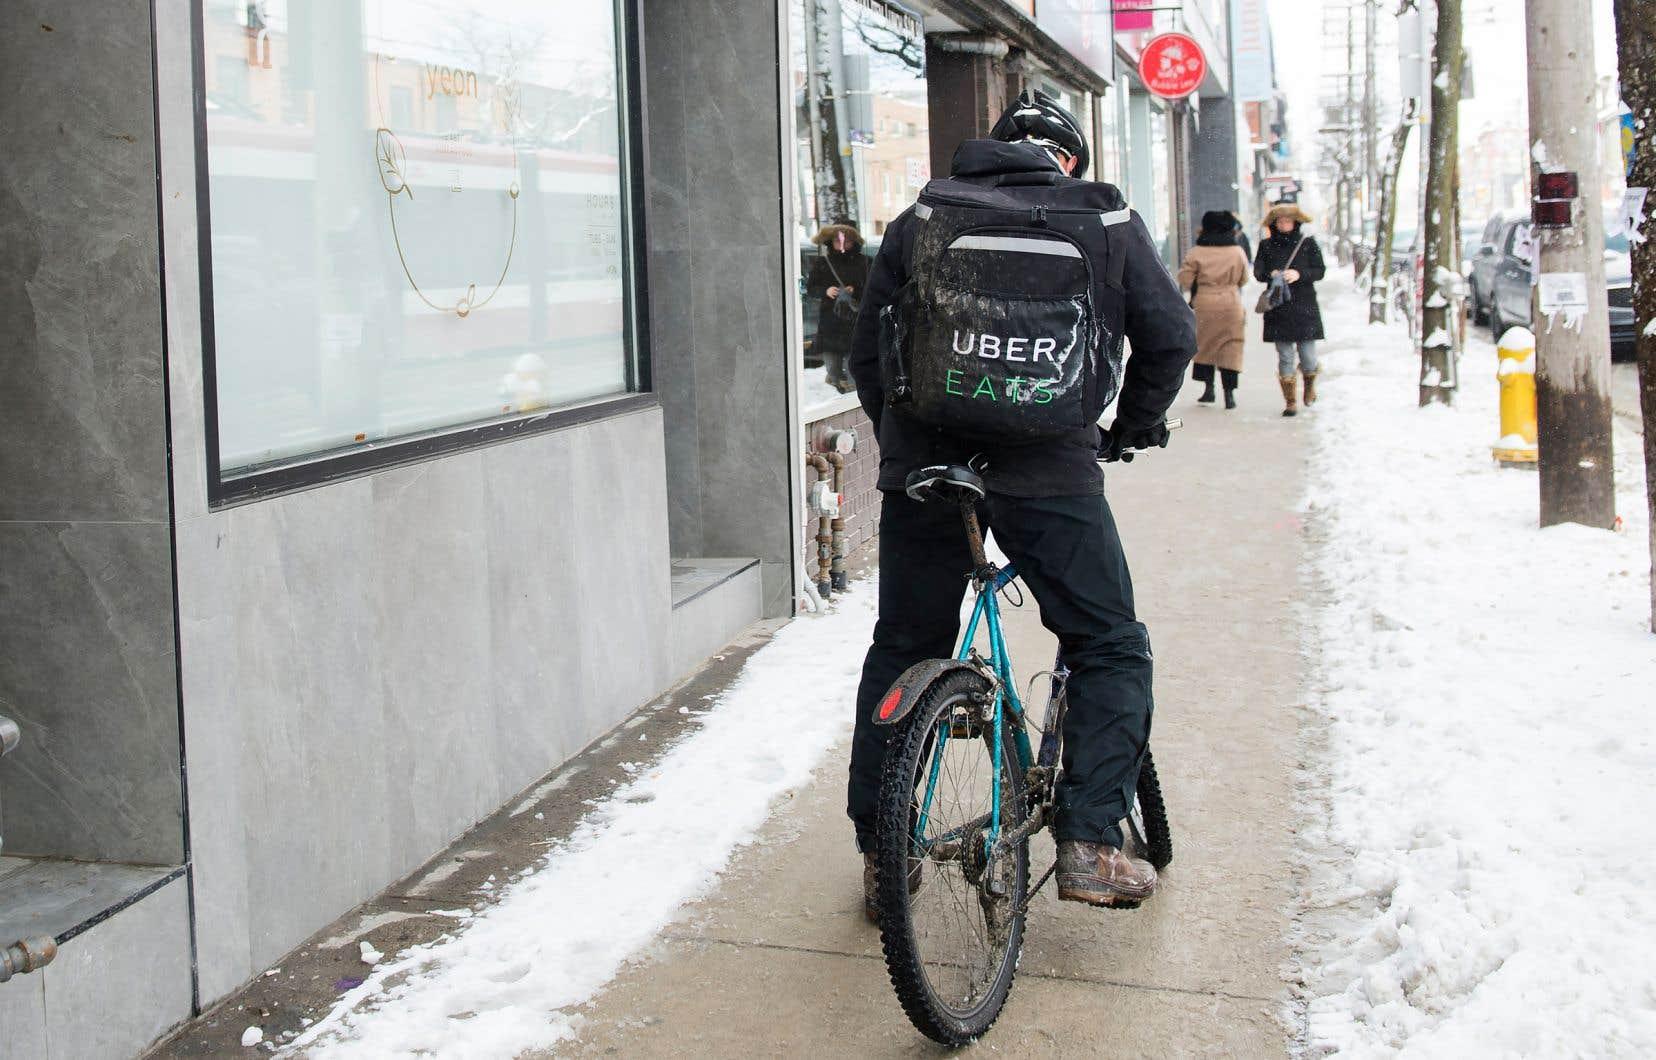 Les coursiers à bicyclette sont, malgré eux, des travailleurs autonomes, précise l'auteur.